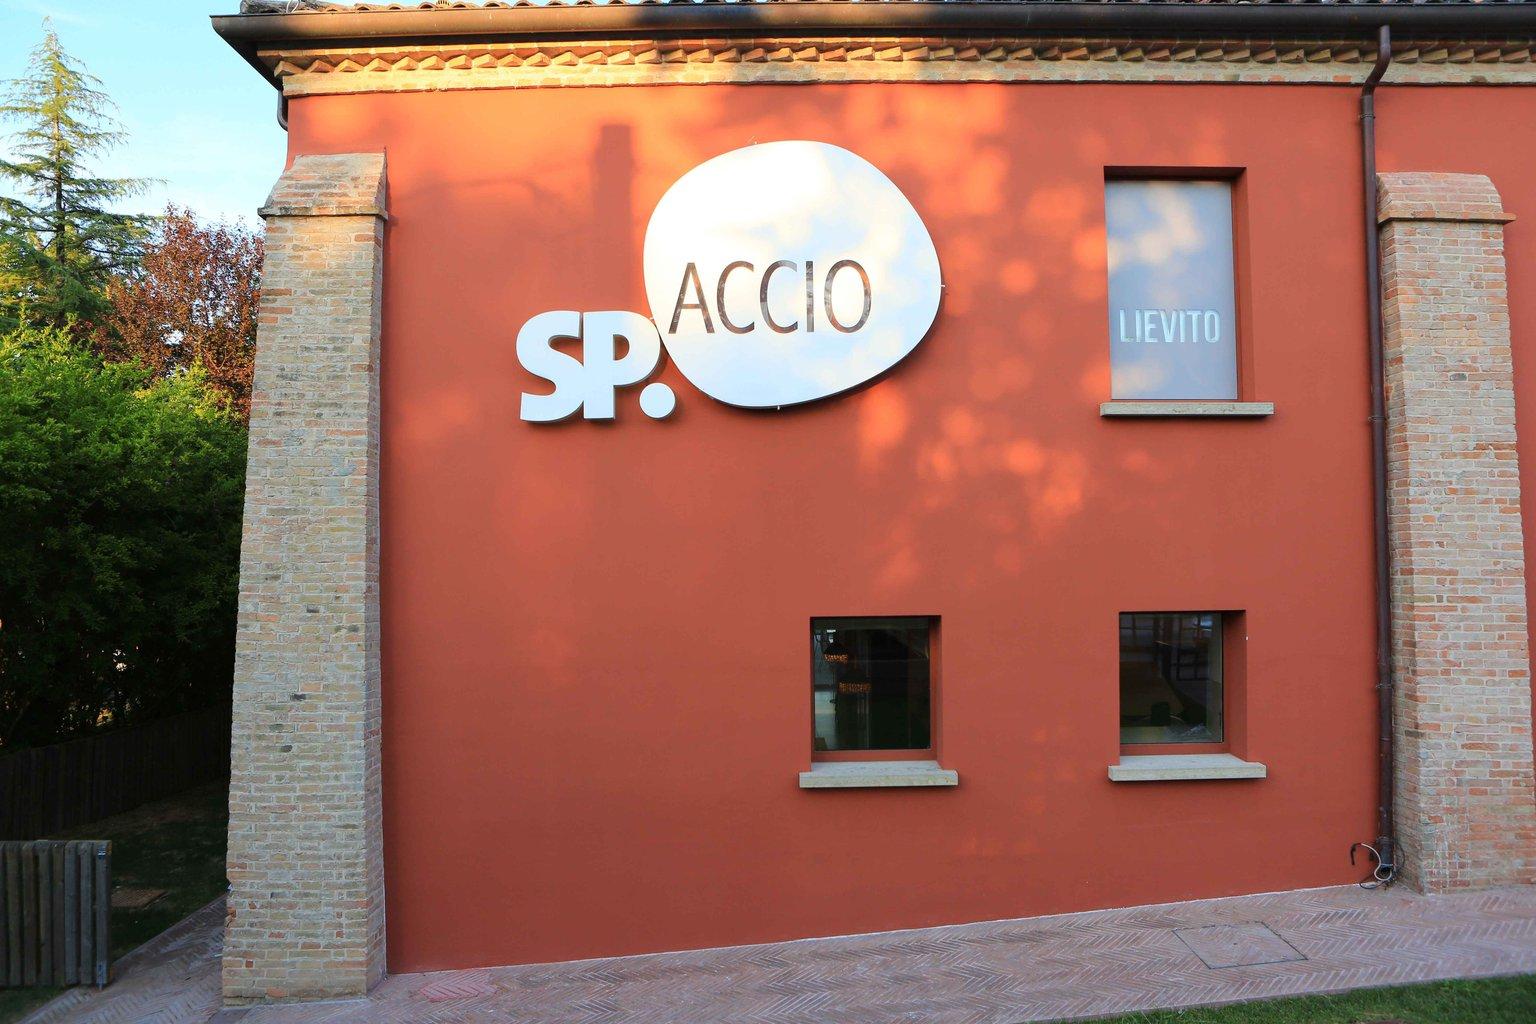 SP.Accio